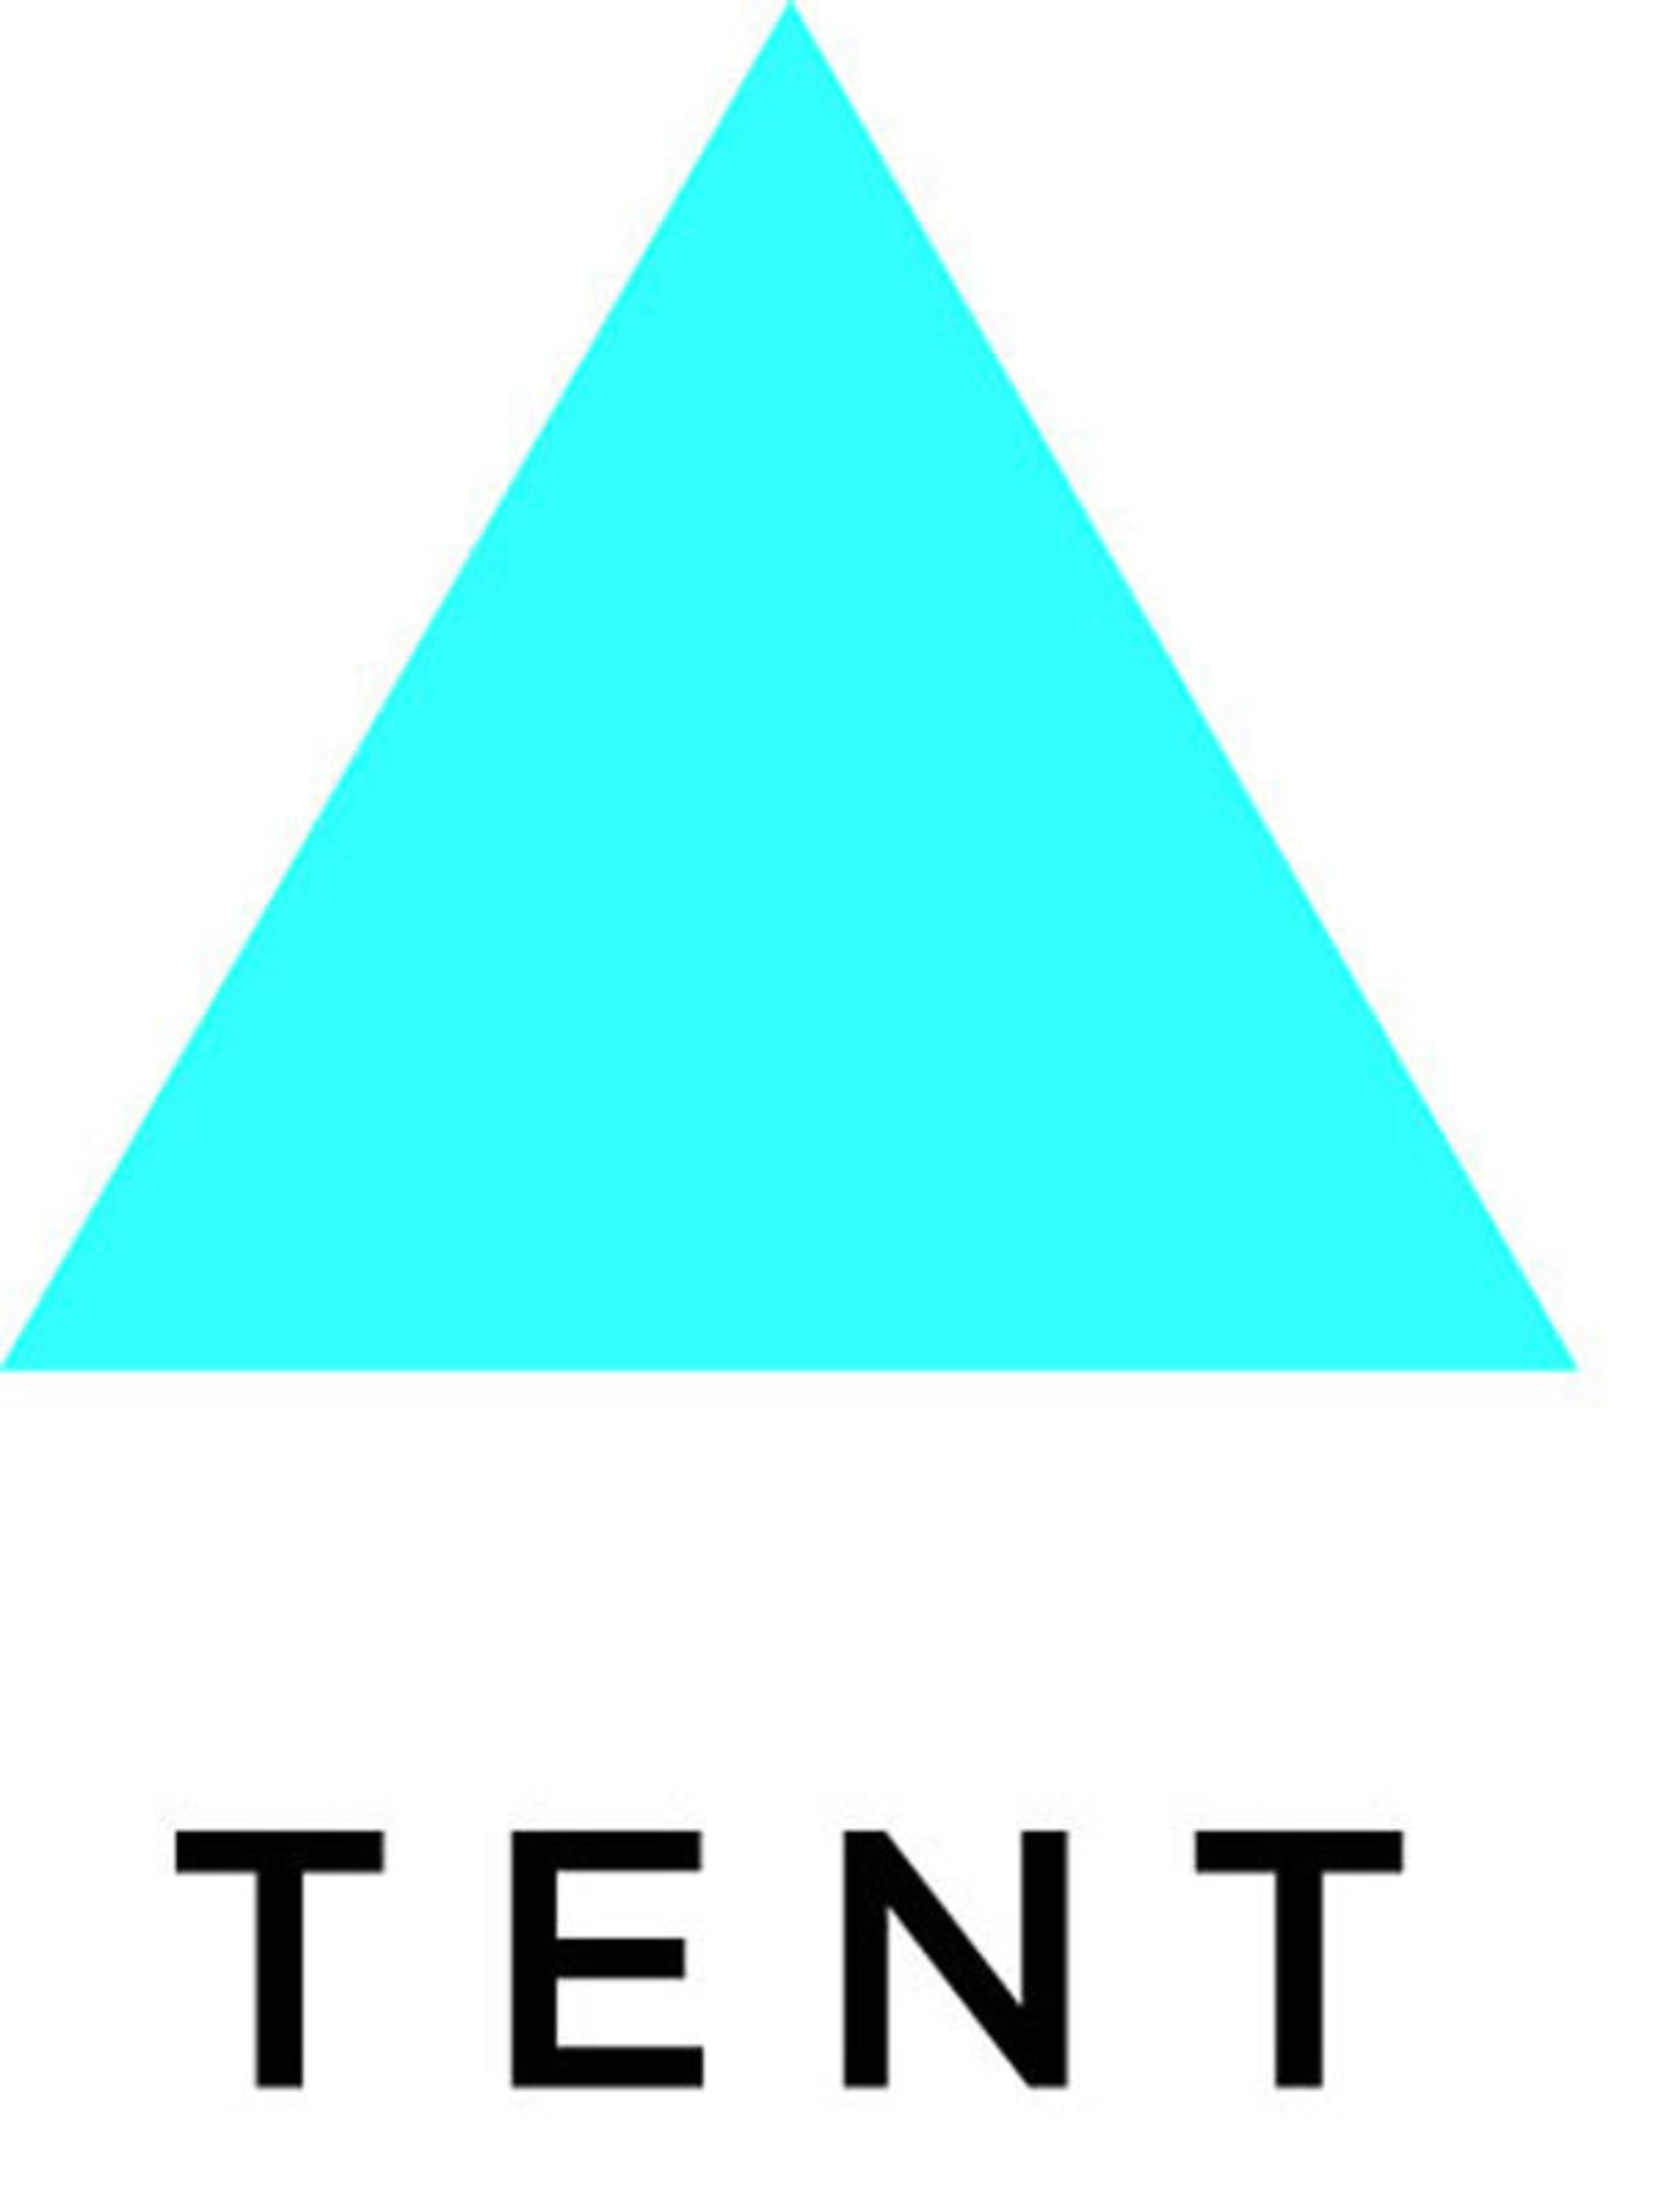 Tent Foundation presenterar ett globalt företagsåtagande för att hjälpa till att lösa den